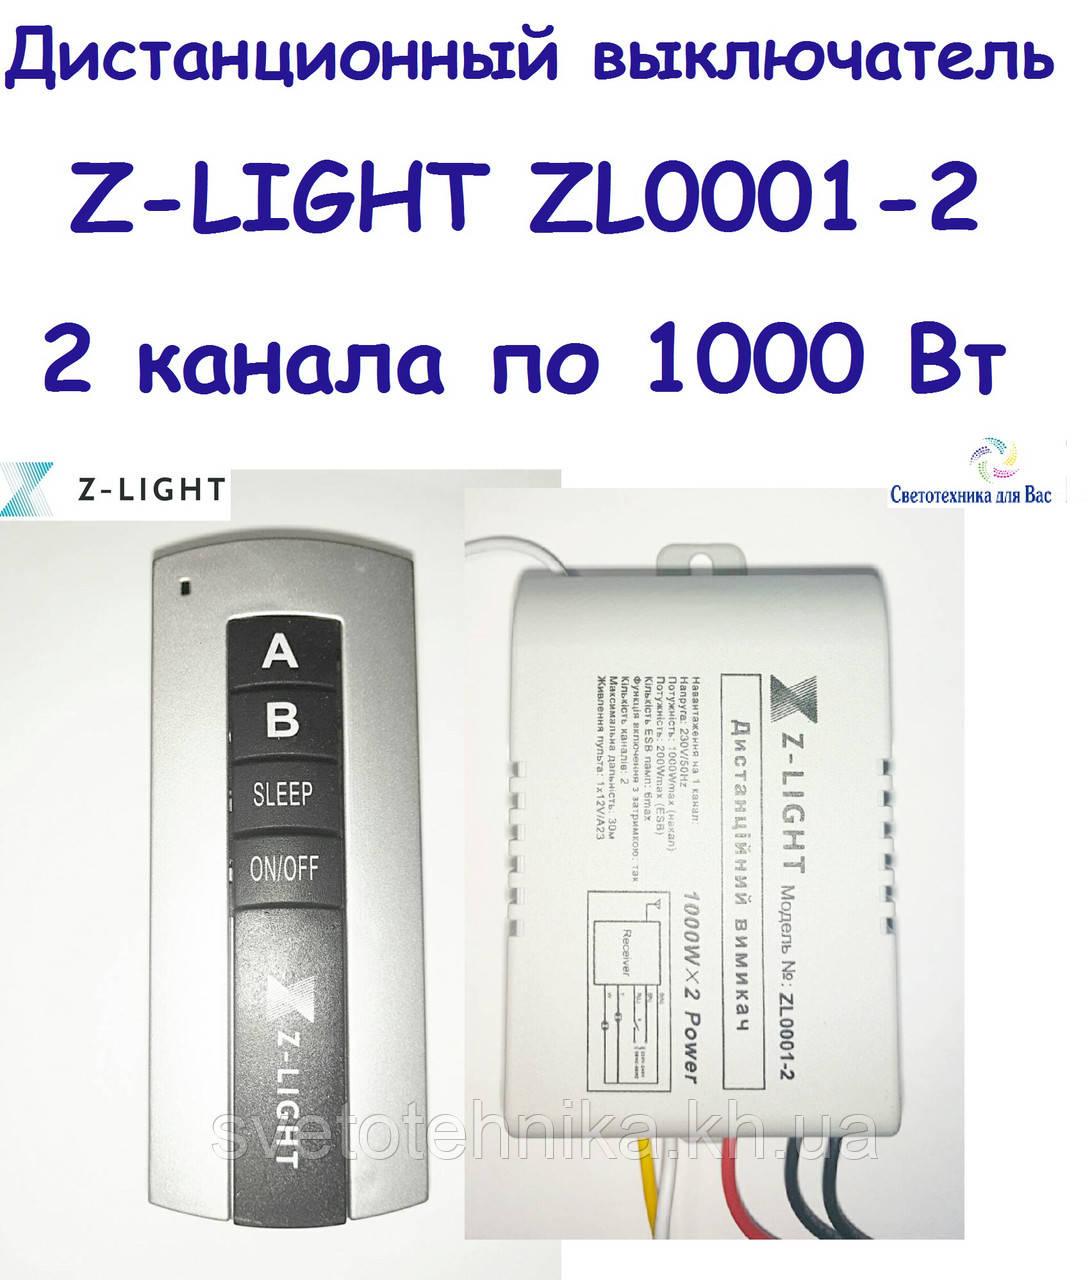 Дистанційний вимикач з пультом ДУ Z-LIGHT ZL0001-2 (2 канали по 1000Вт)